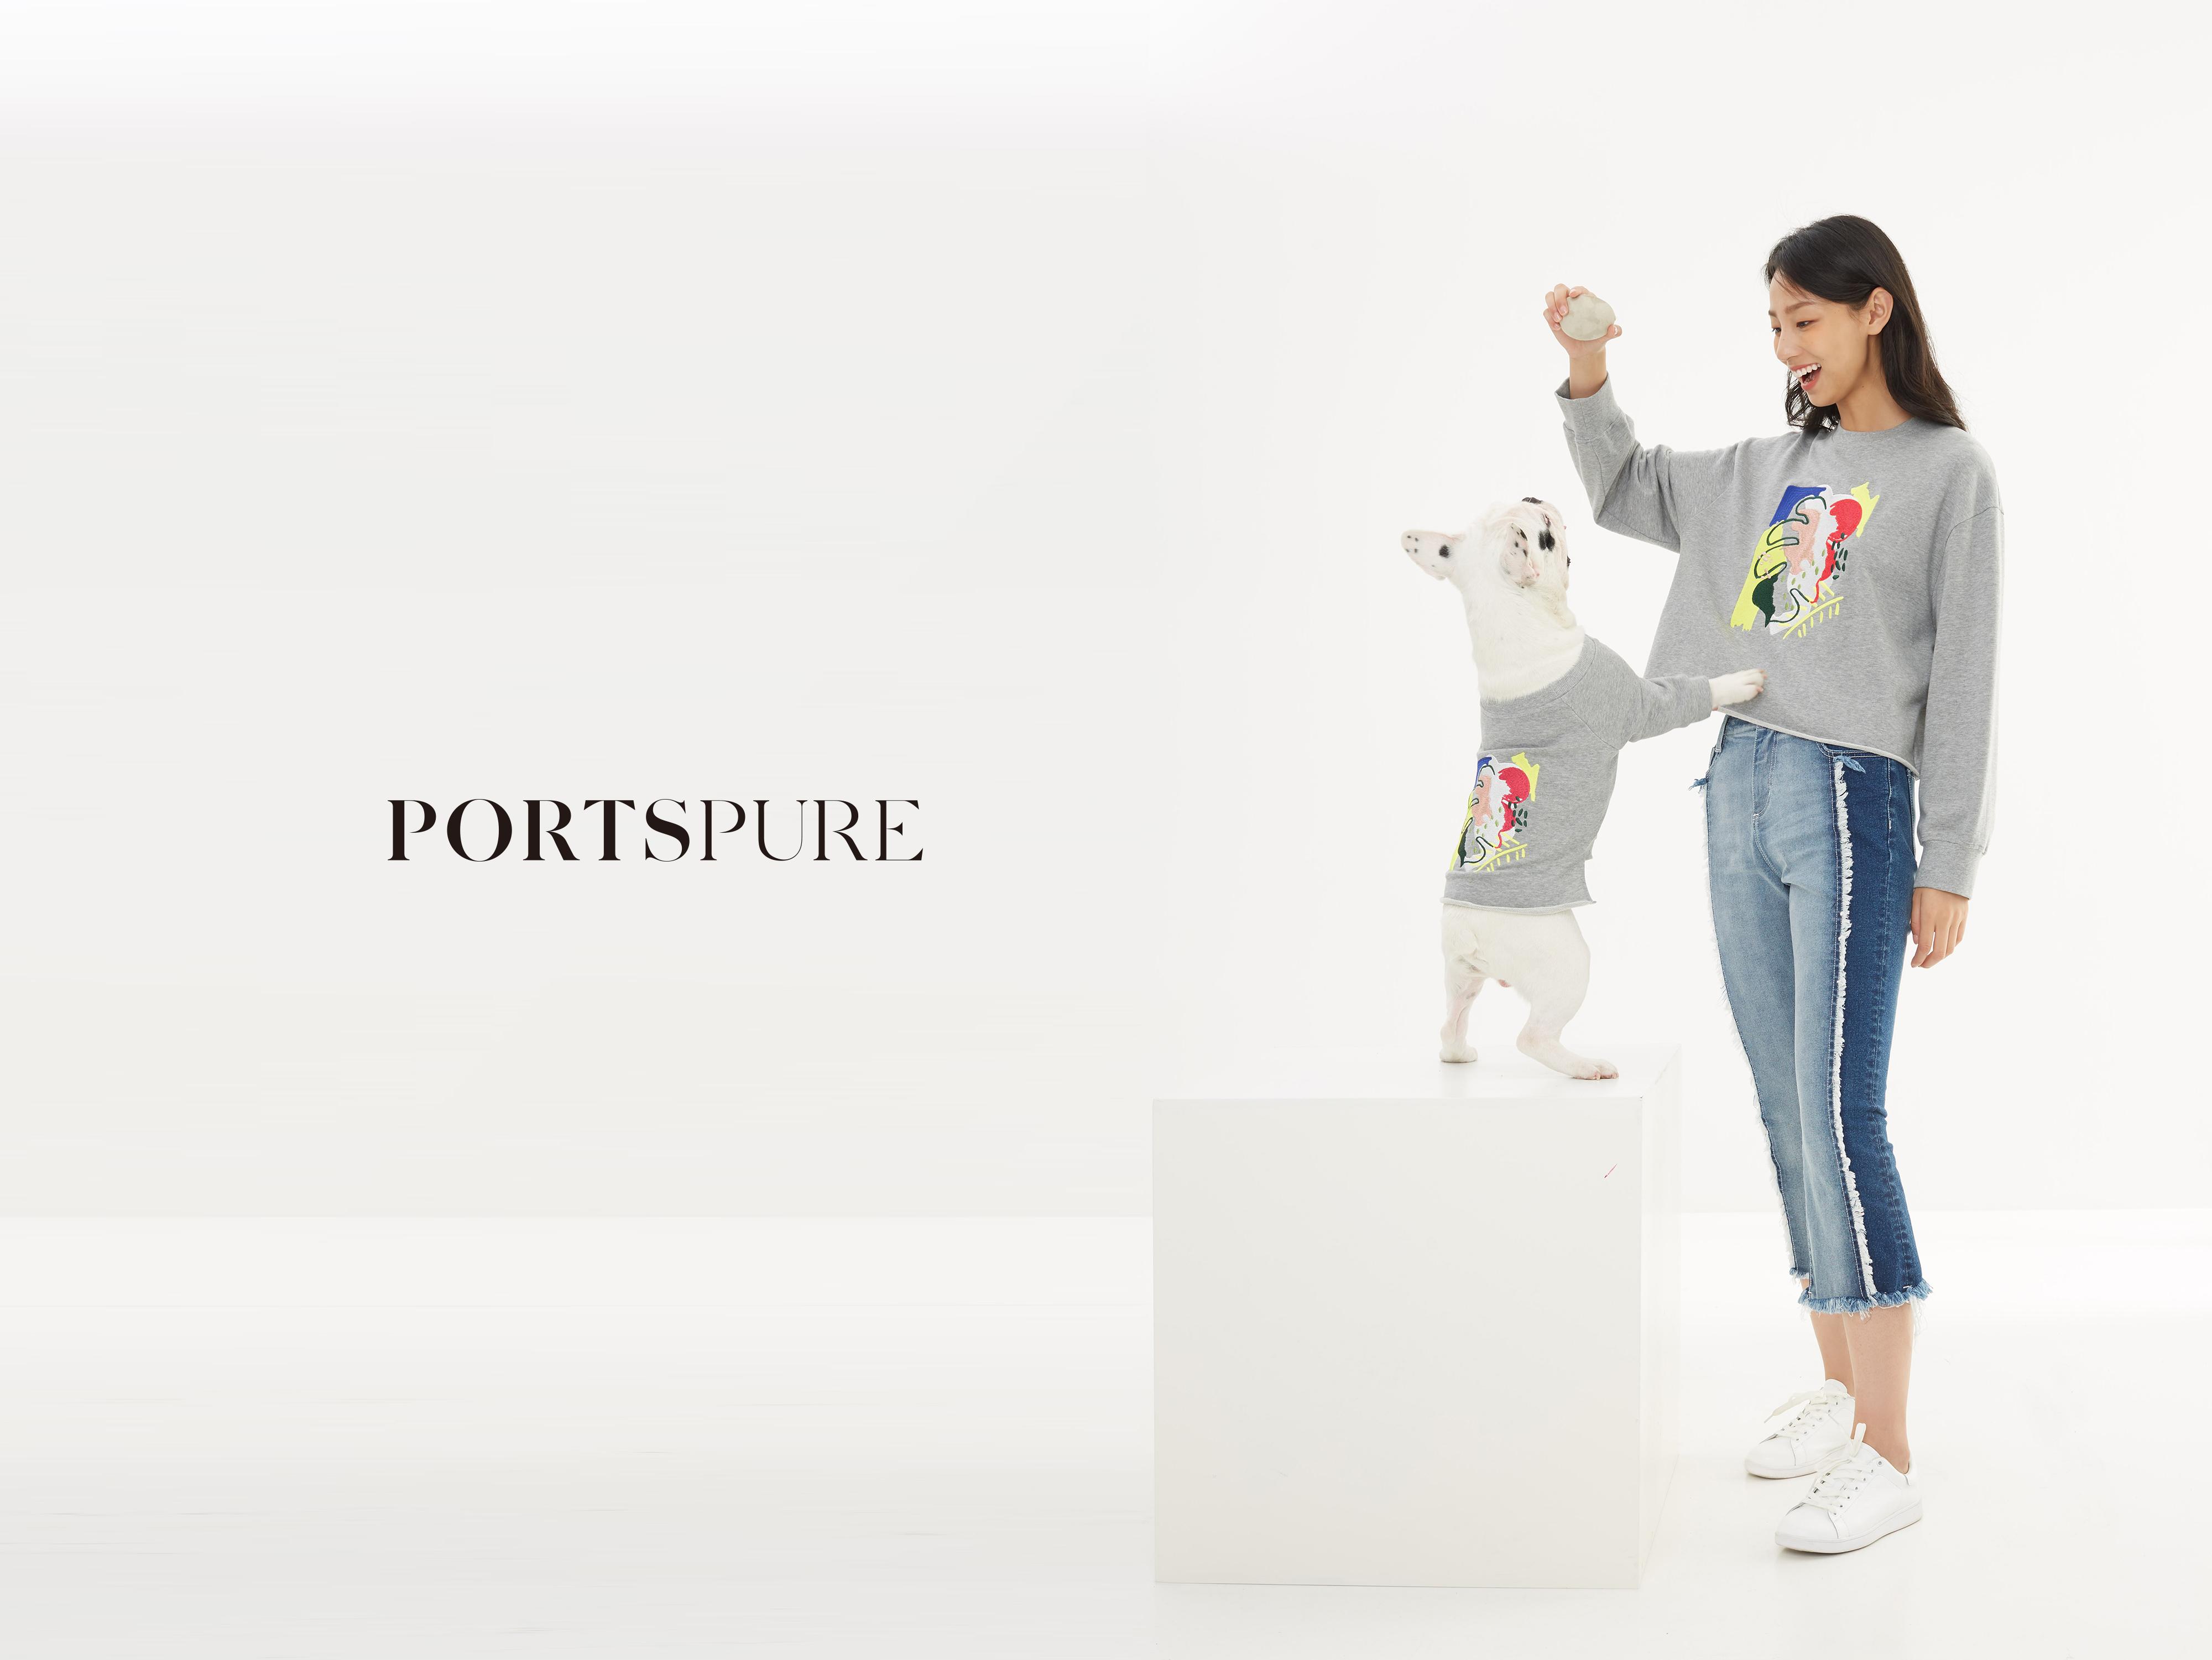 各大品牌对中国十二生肖的理解···你们考虑过狗的感受吗?